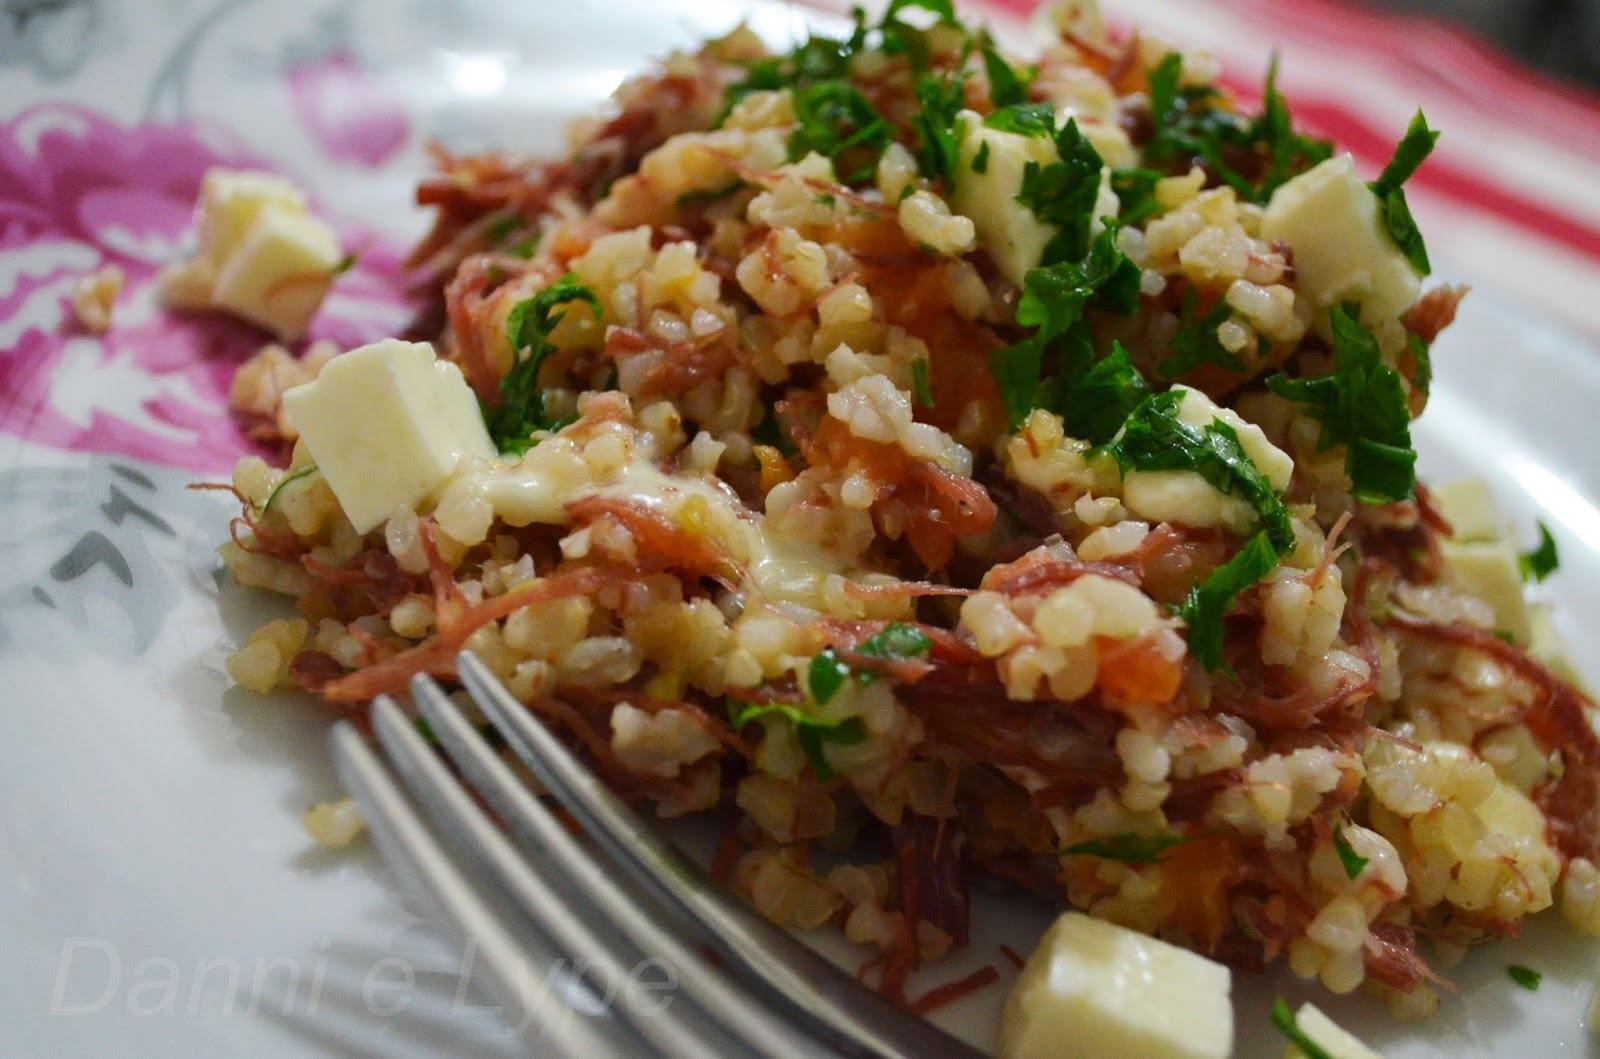 arroz integral receita na panela de pressão com carne seca